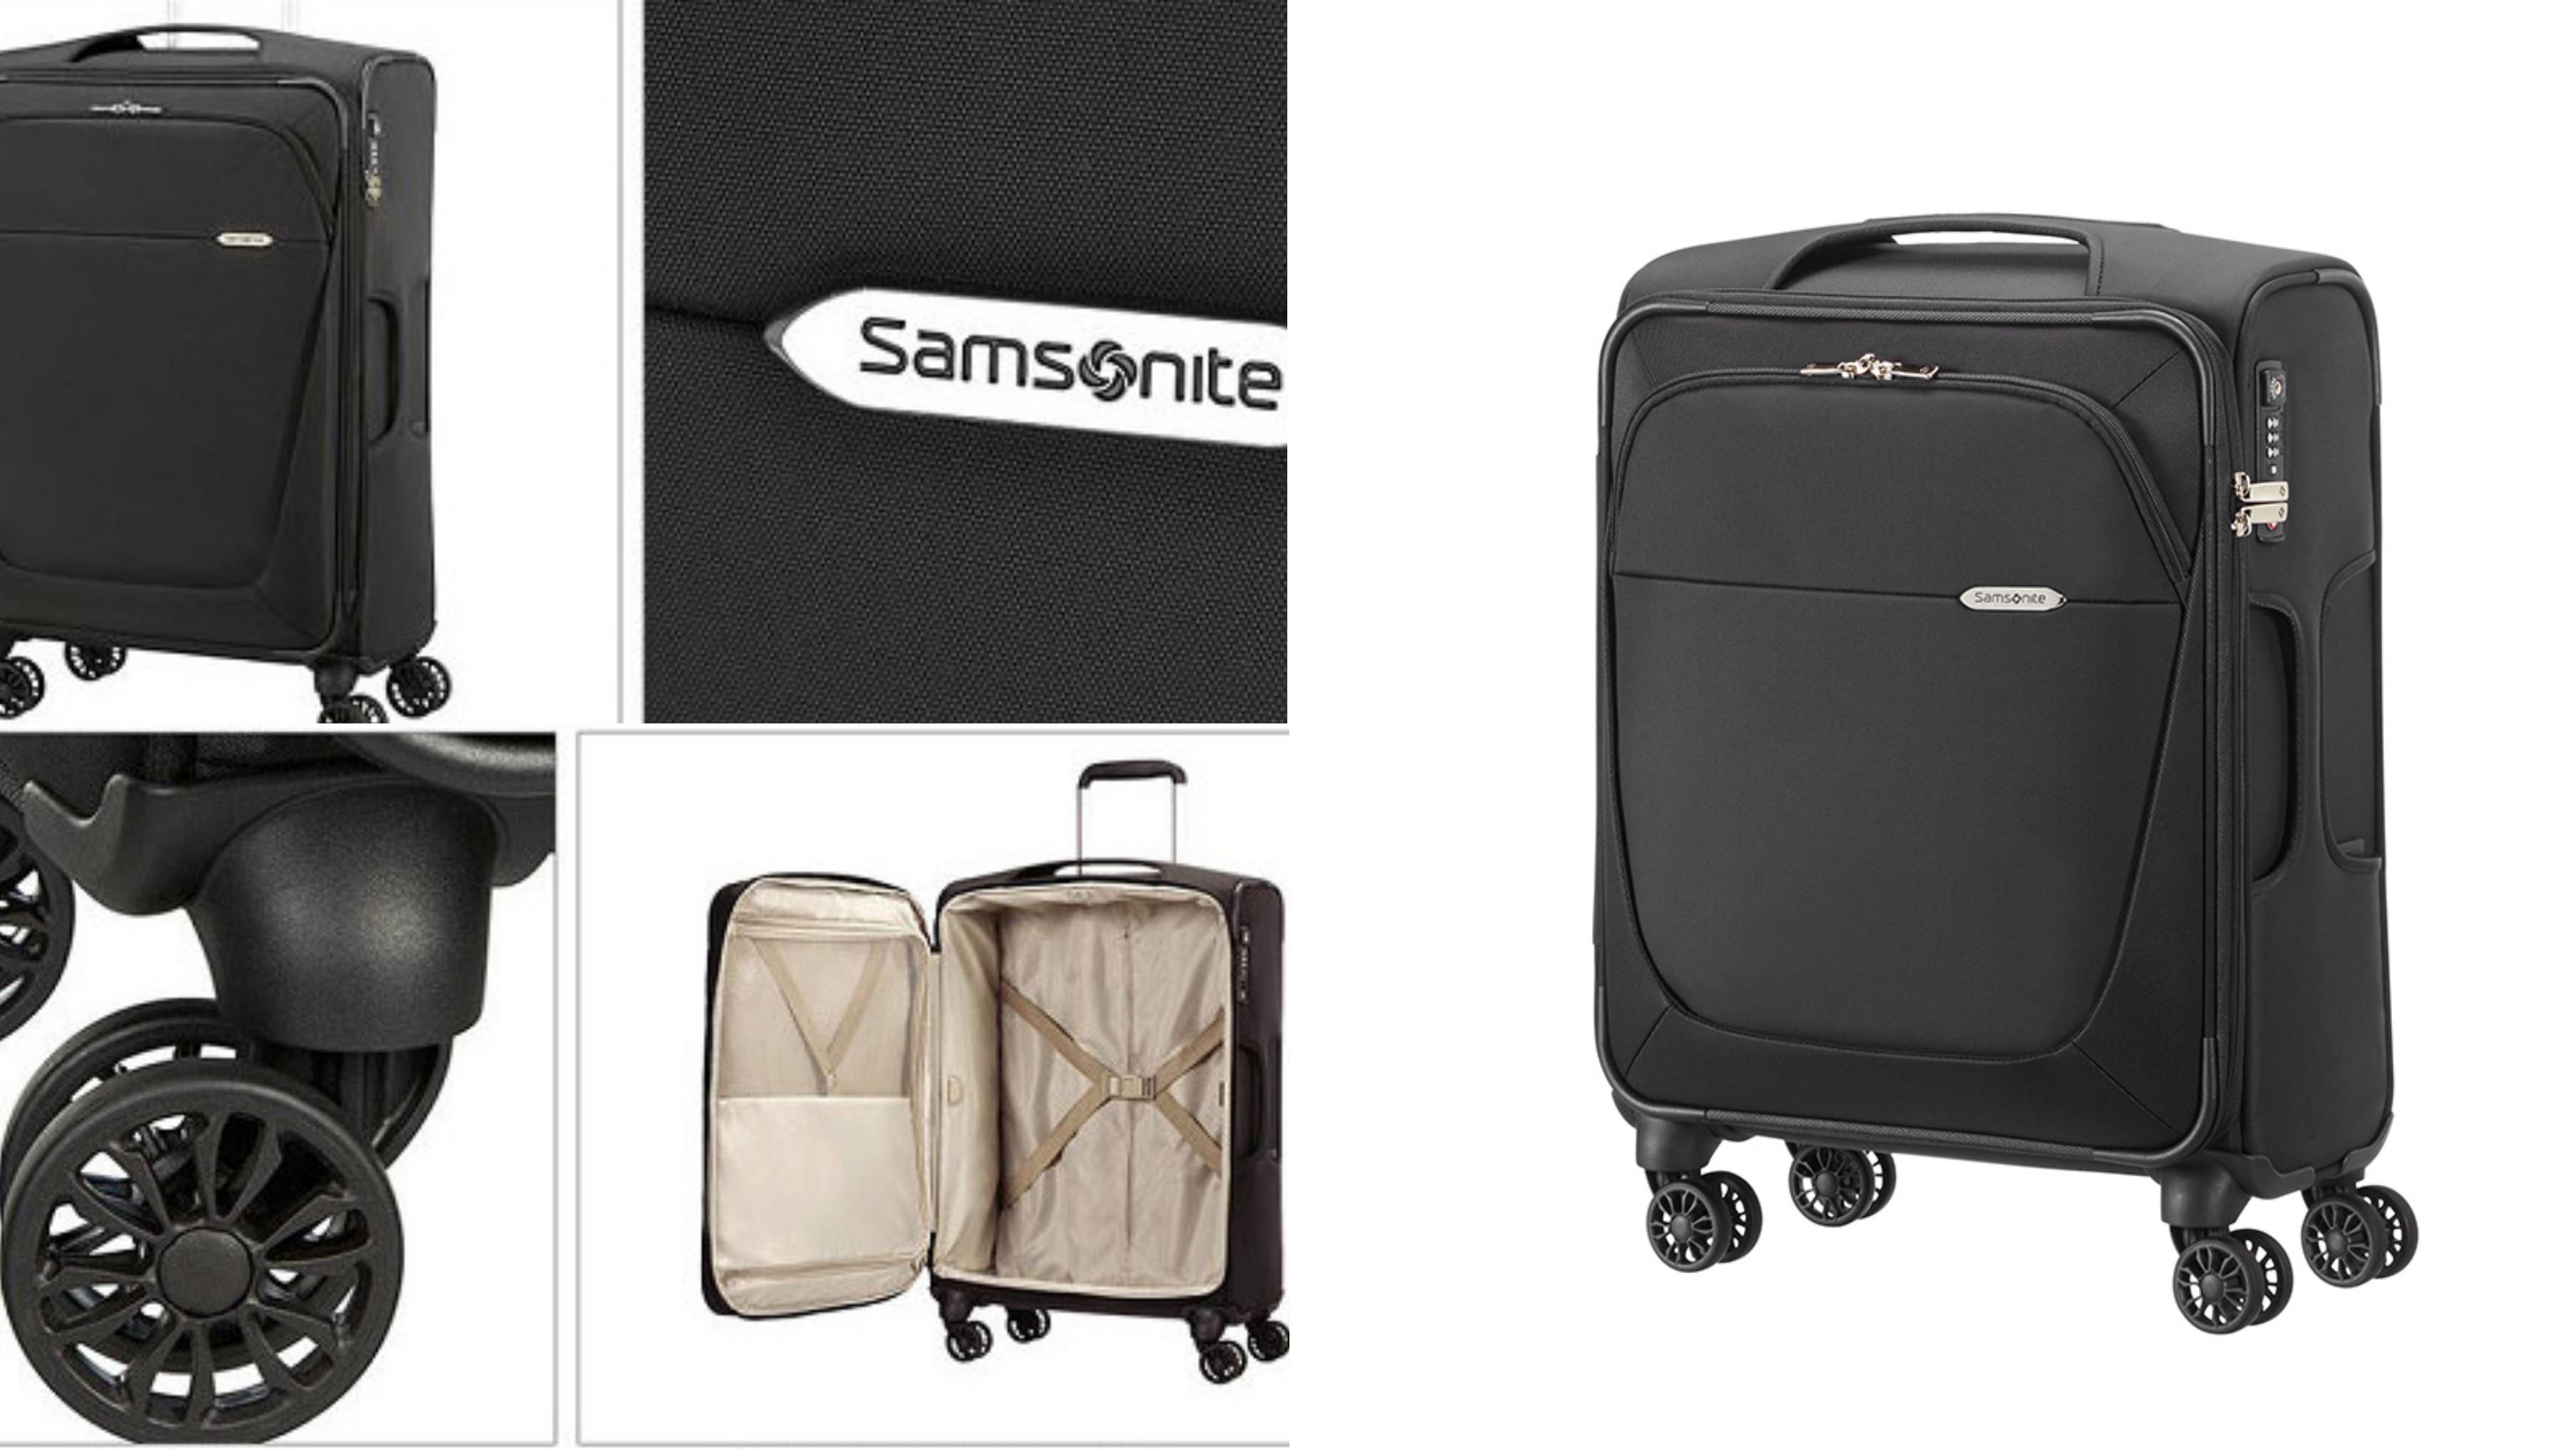 標準登機尺寸+靈活加大的收納空間,適合短程旅行、商務差旅,讓旅行更輕鬆。